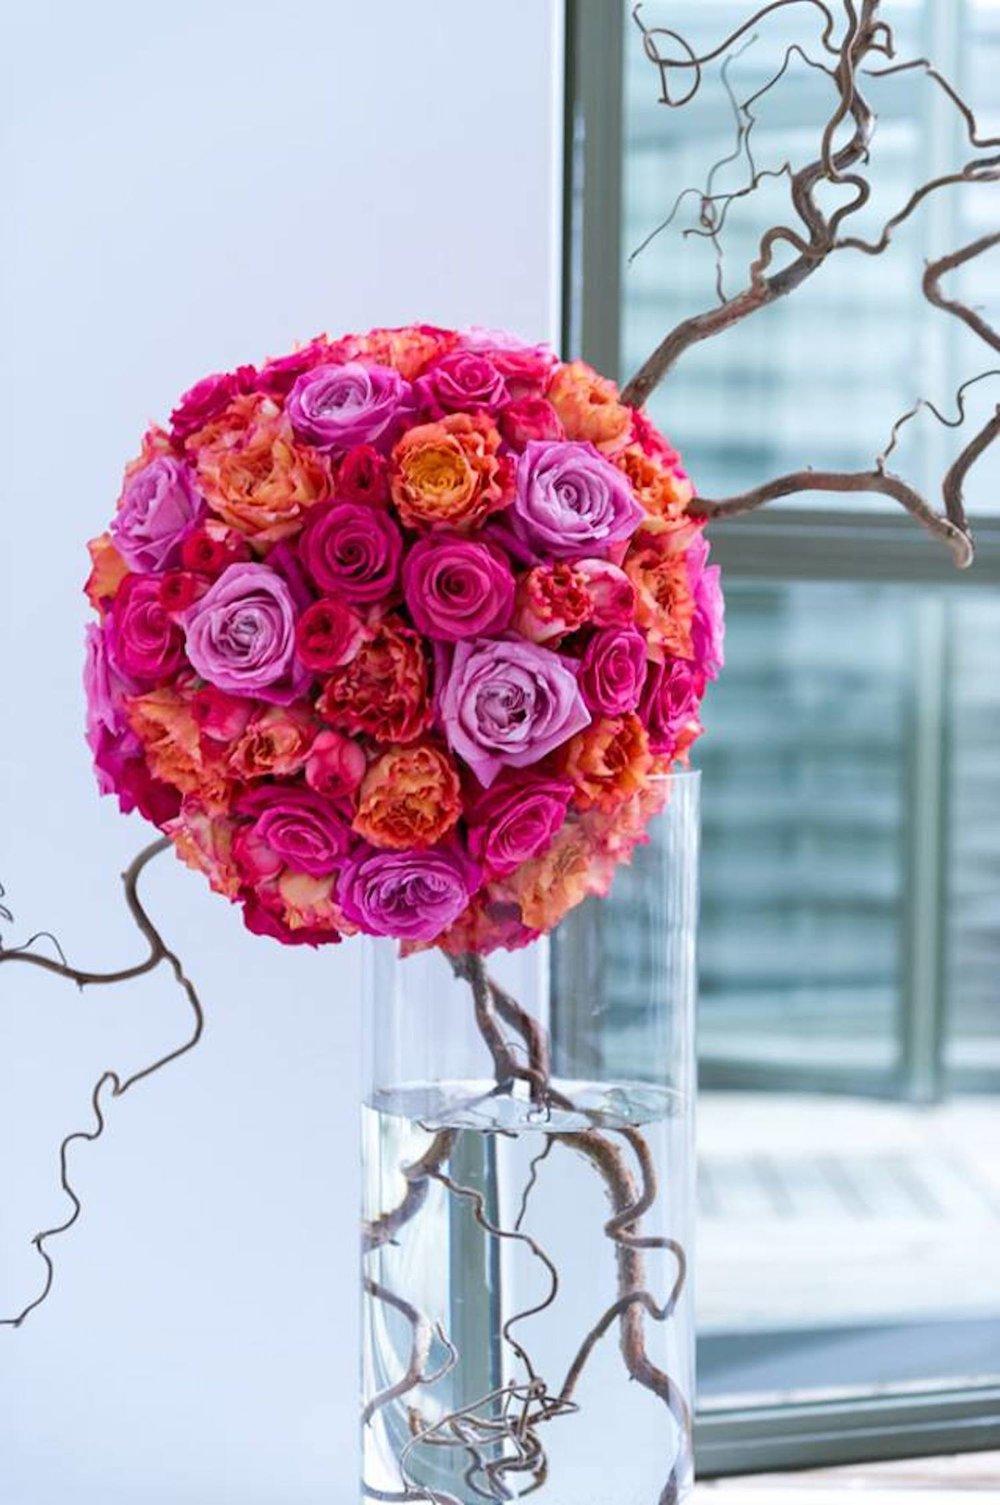 XL boule de roses et tortuosa 480euros.jpg